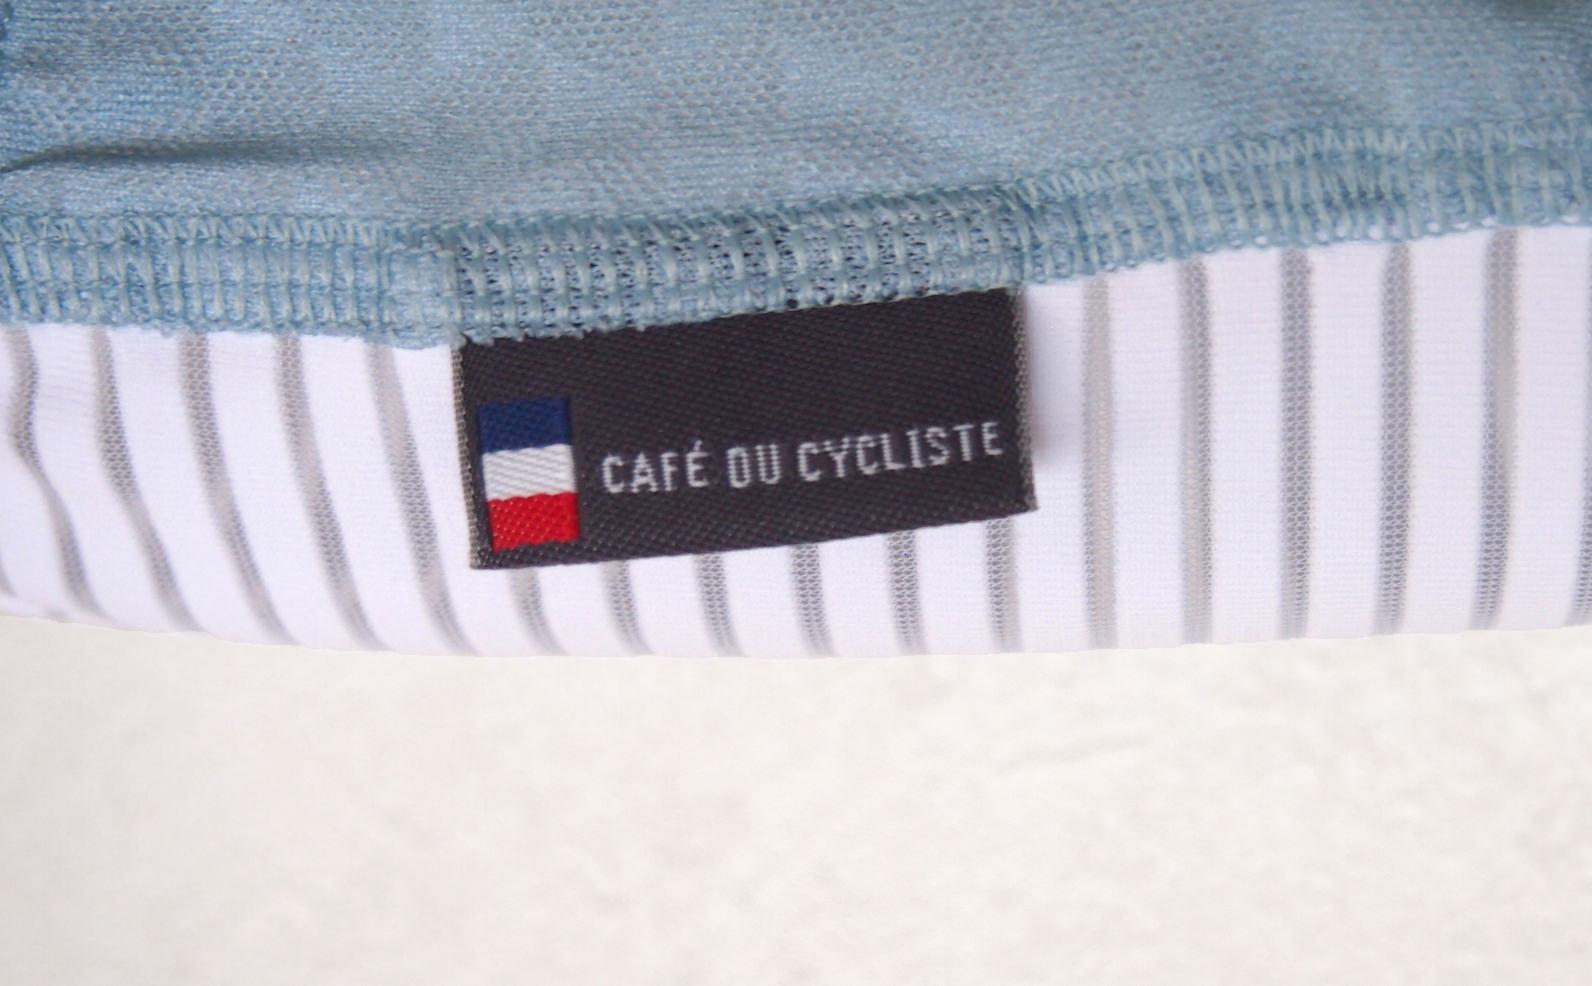 cafe du cycliste ジャージタグ